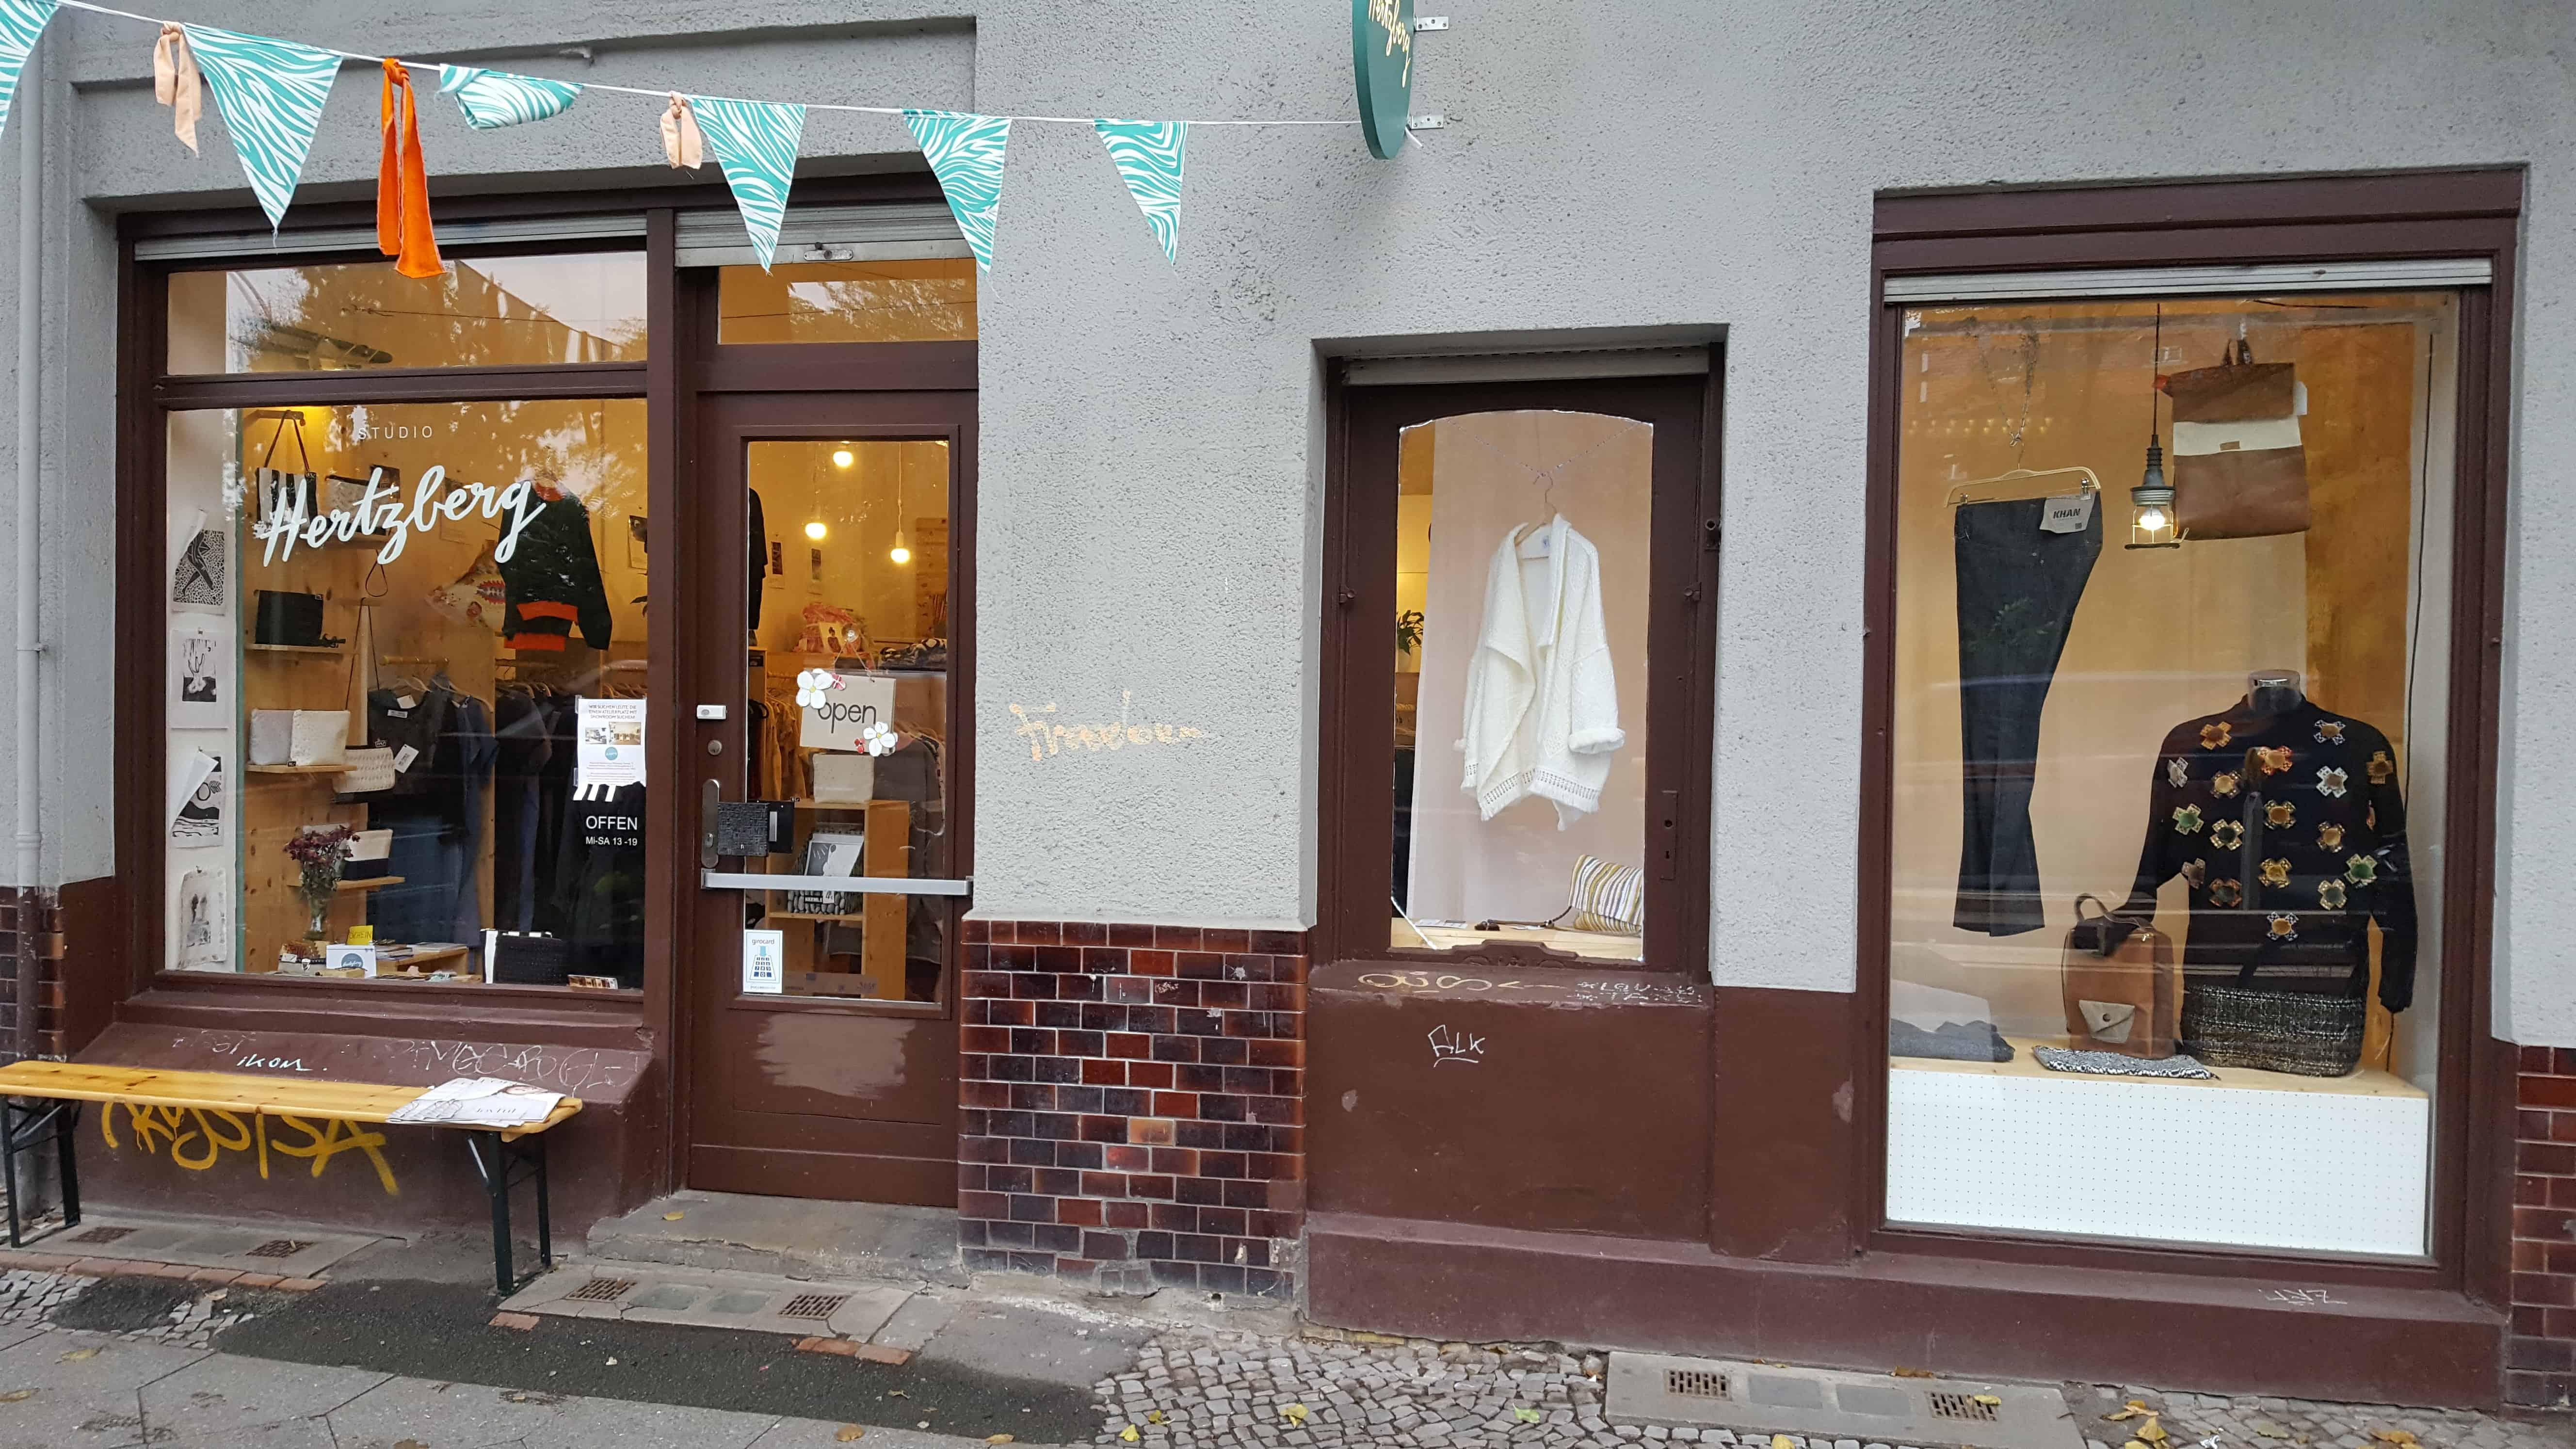 Studio Hertzberg Matrosenhunde Laden Front Sonnenallee Berlin